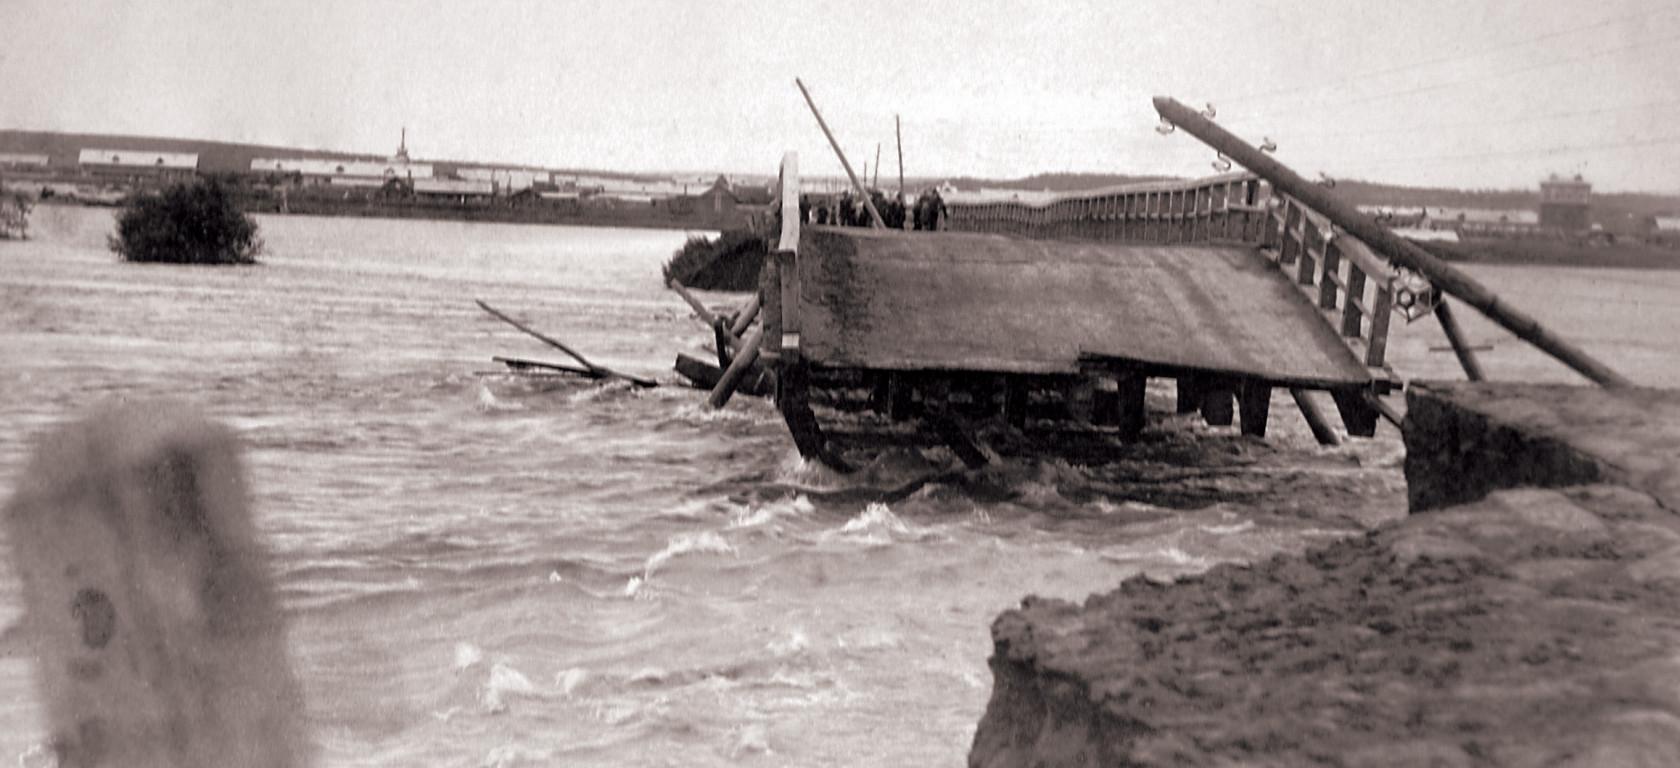 Наводнение. Размыв дамбы. 1901